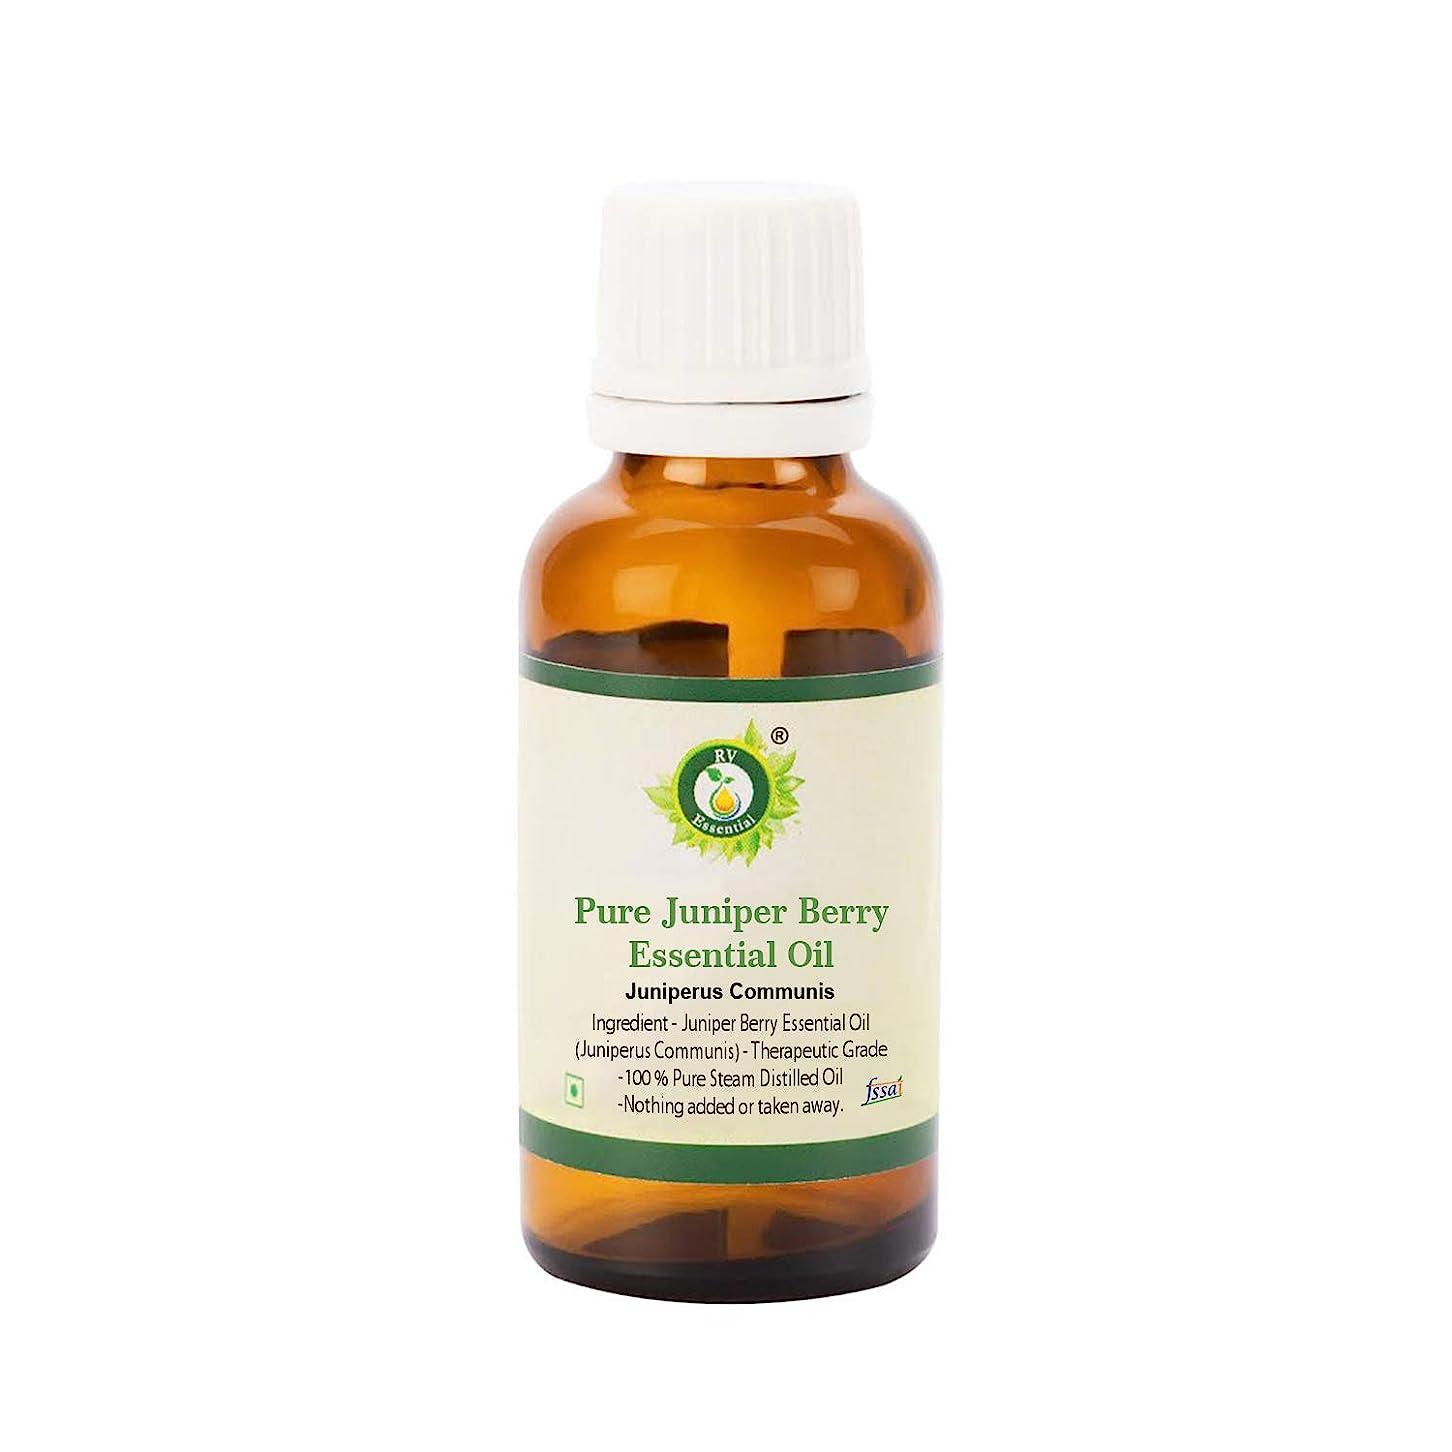 同盟通知支払いR V Essential ピュアジュニパーベリーエッセンシャルオイル100ml (3.38oz)- Juniperus Communis (100%純粋&天然スチームDistilled) Pure Juniper Berry Essential Oil